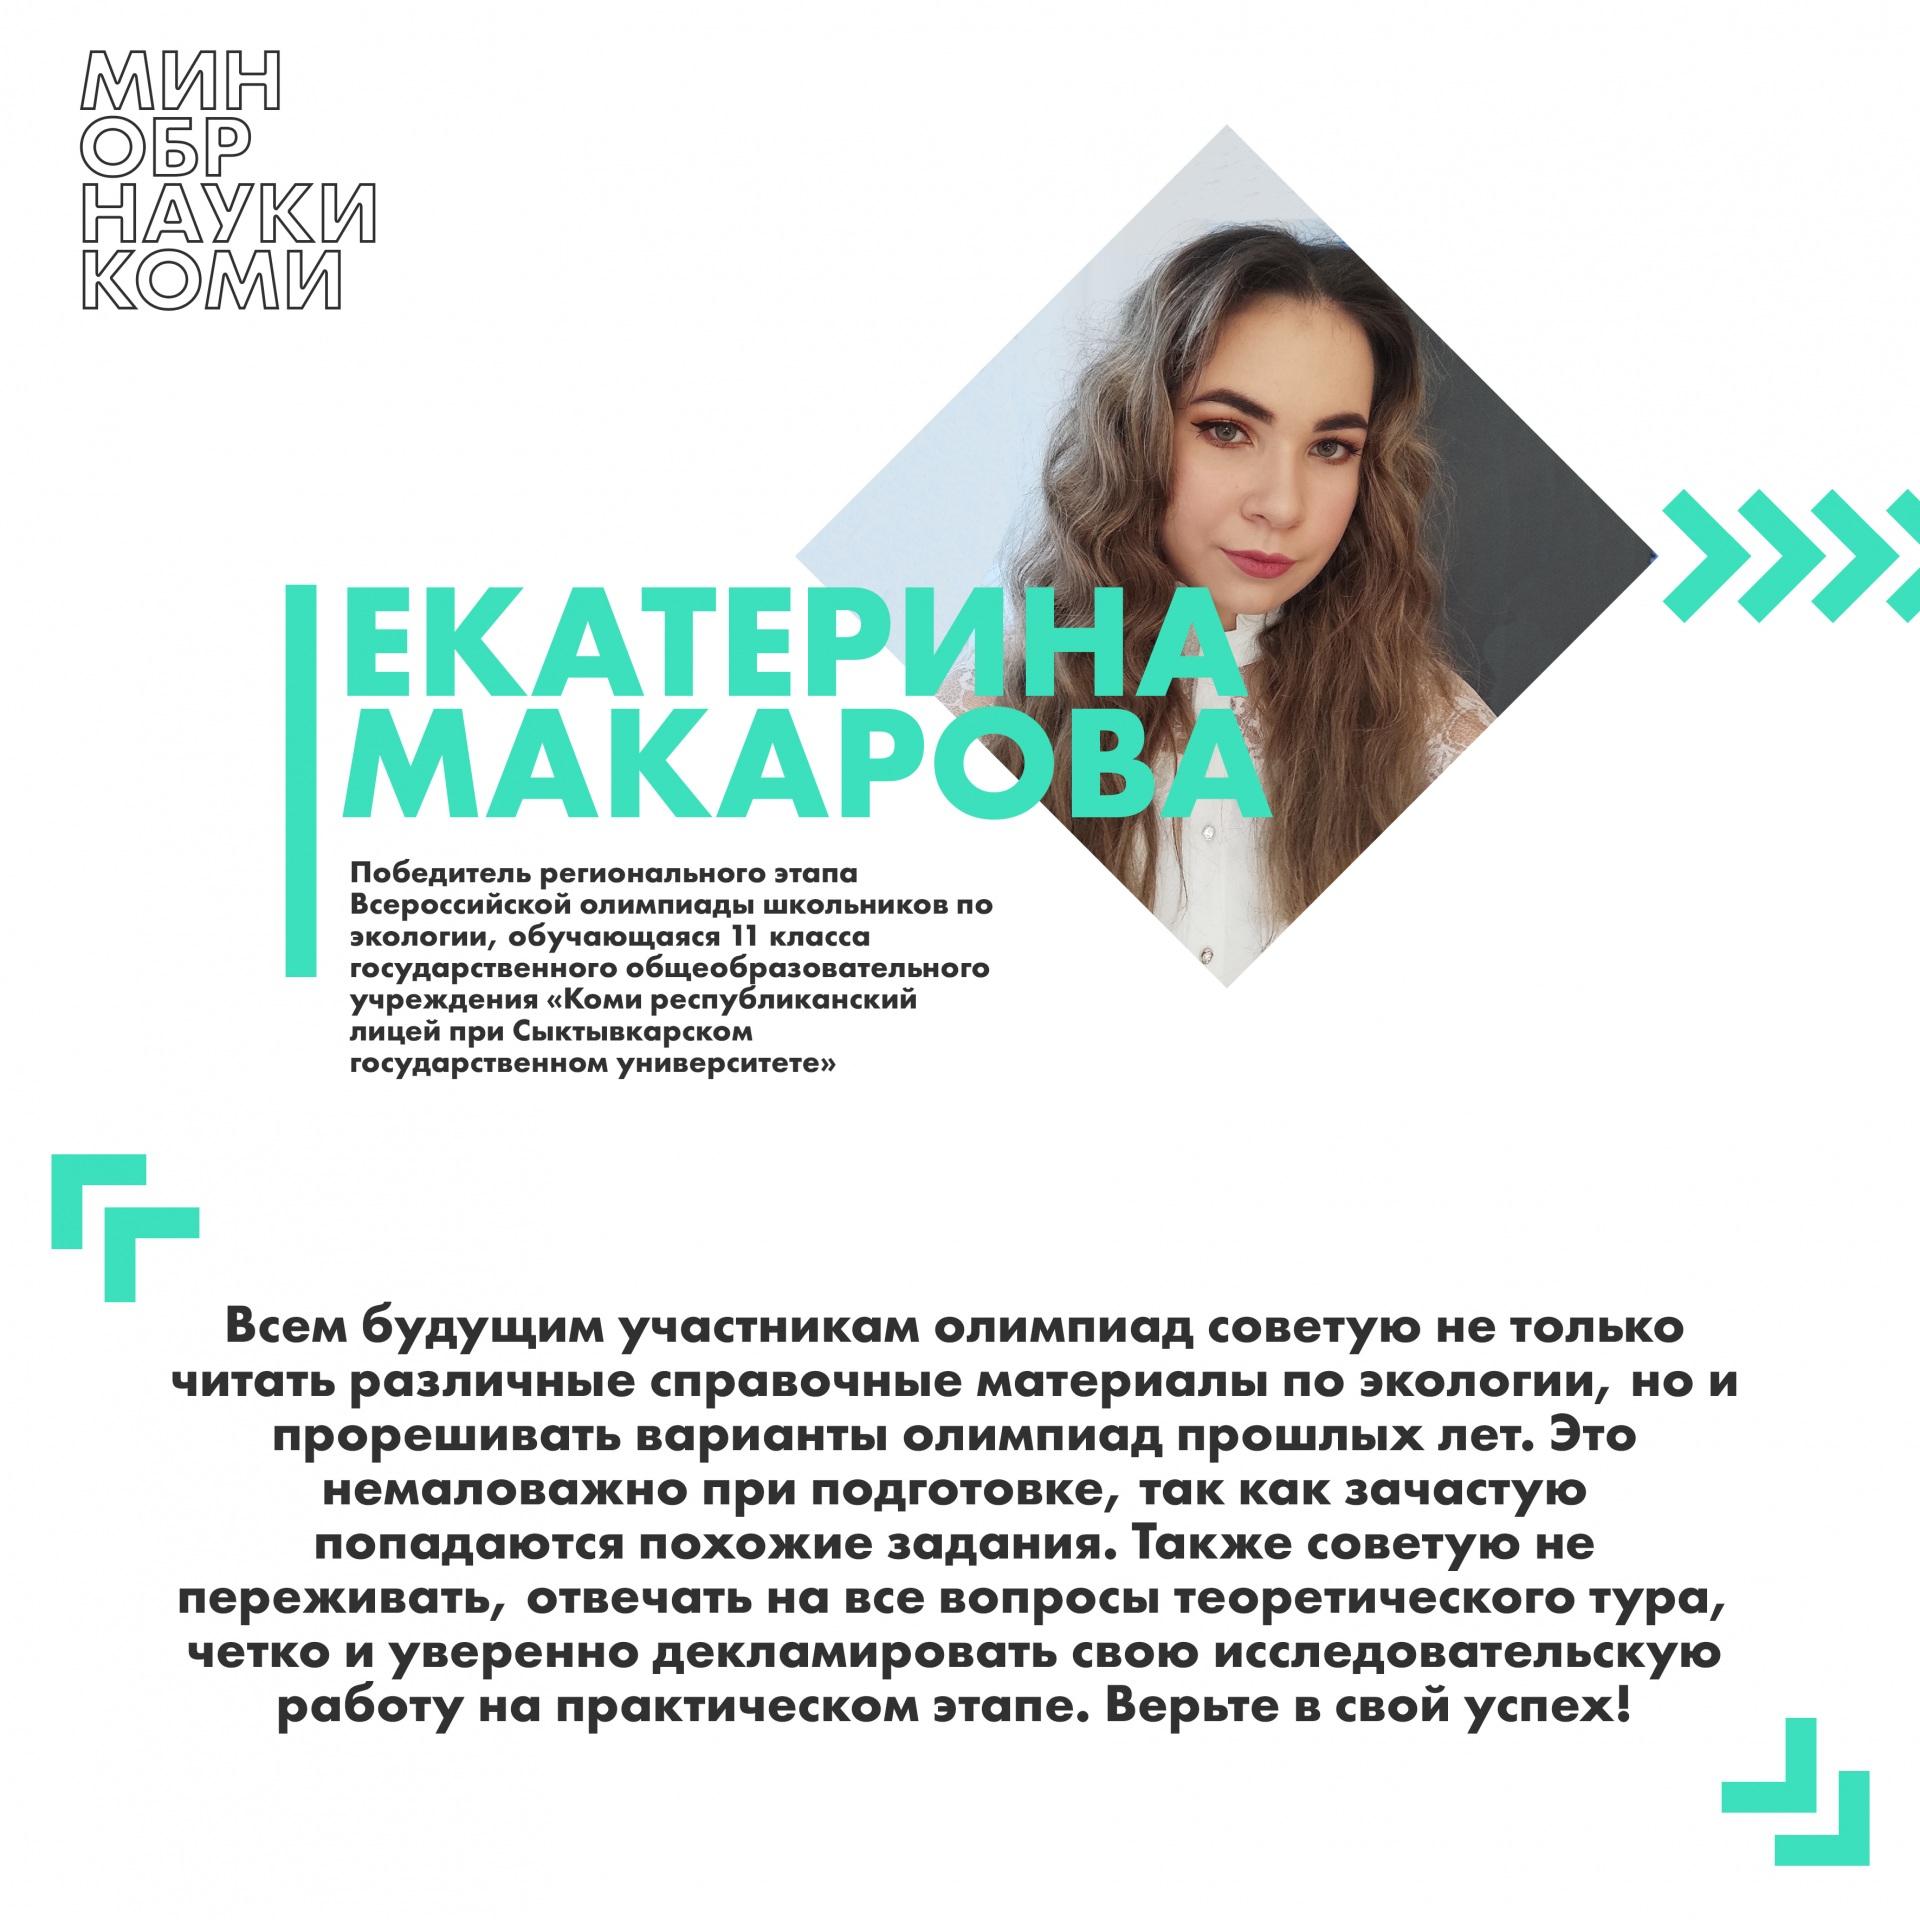 shkil_makarova.jpg